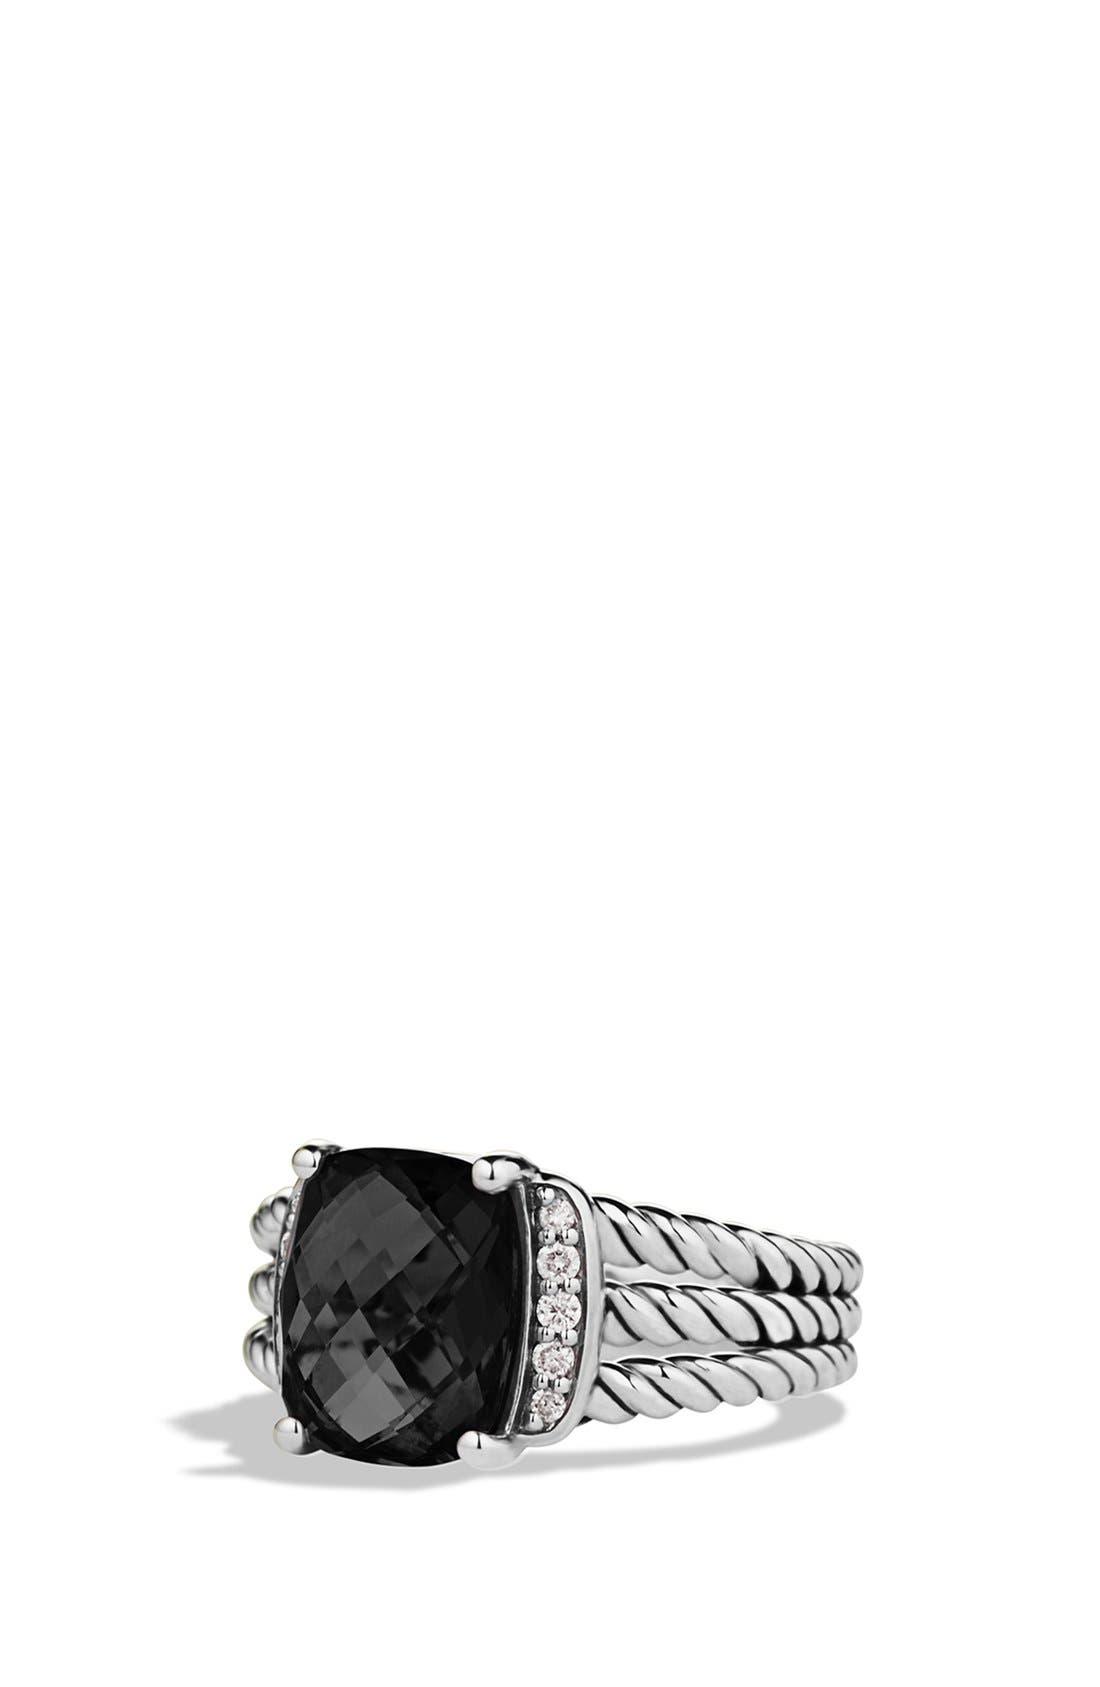 Main Image - David Yurman 'Wheaton' Petite Ring with Semiprecious Stone & Diamonds